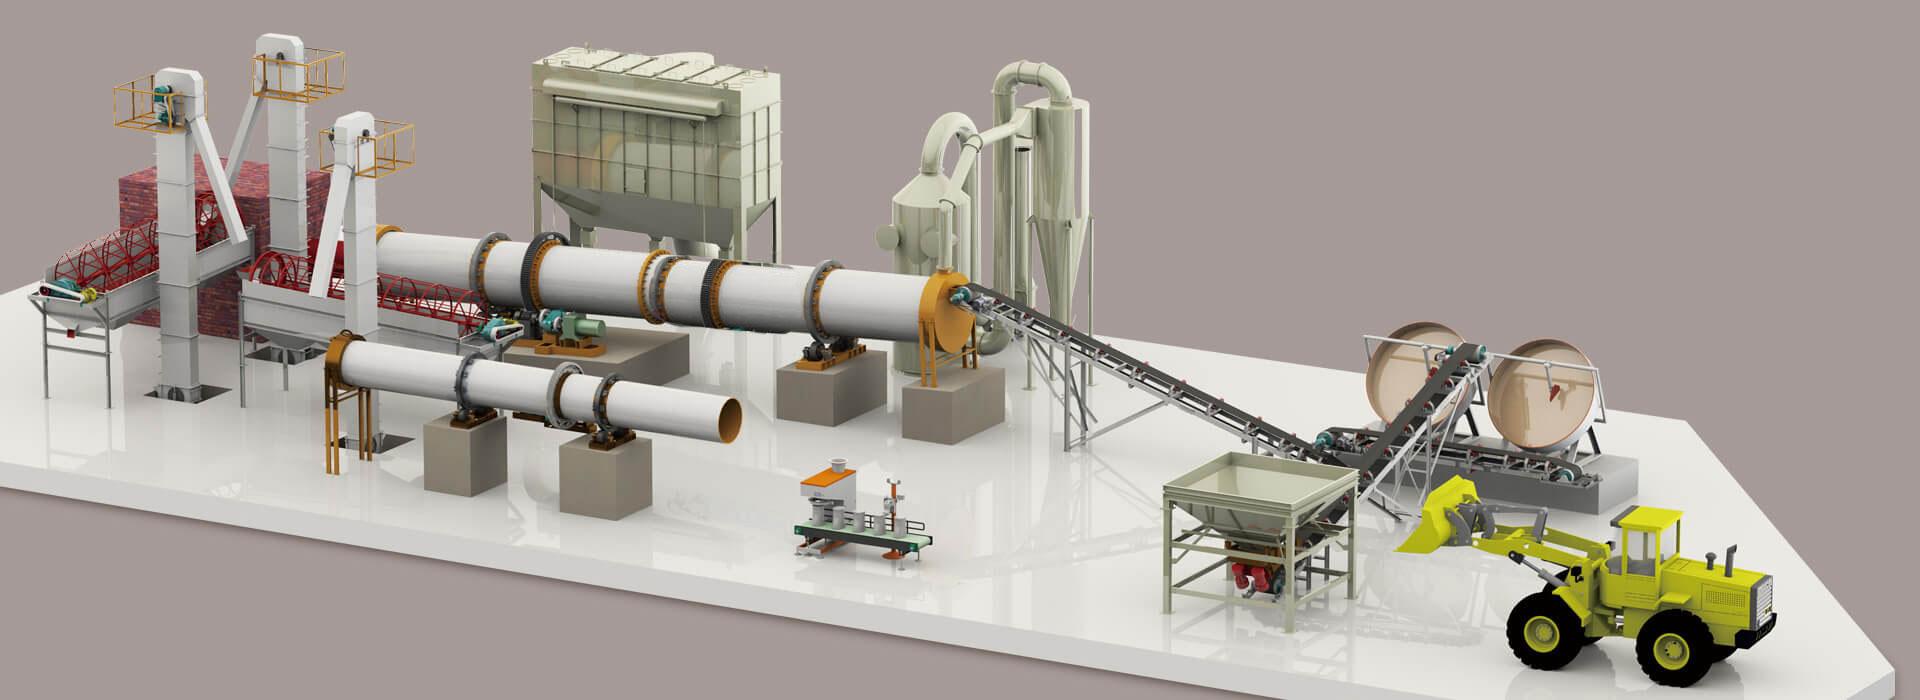 NPK-Fertilizer-Production-Line-Manufacturer